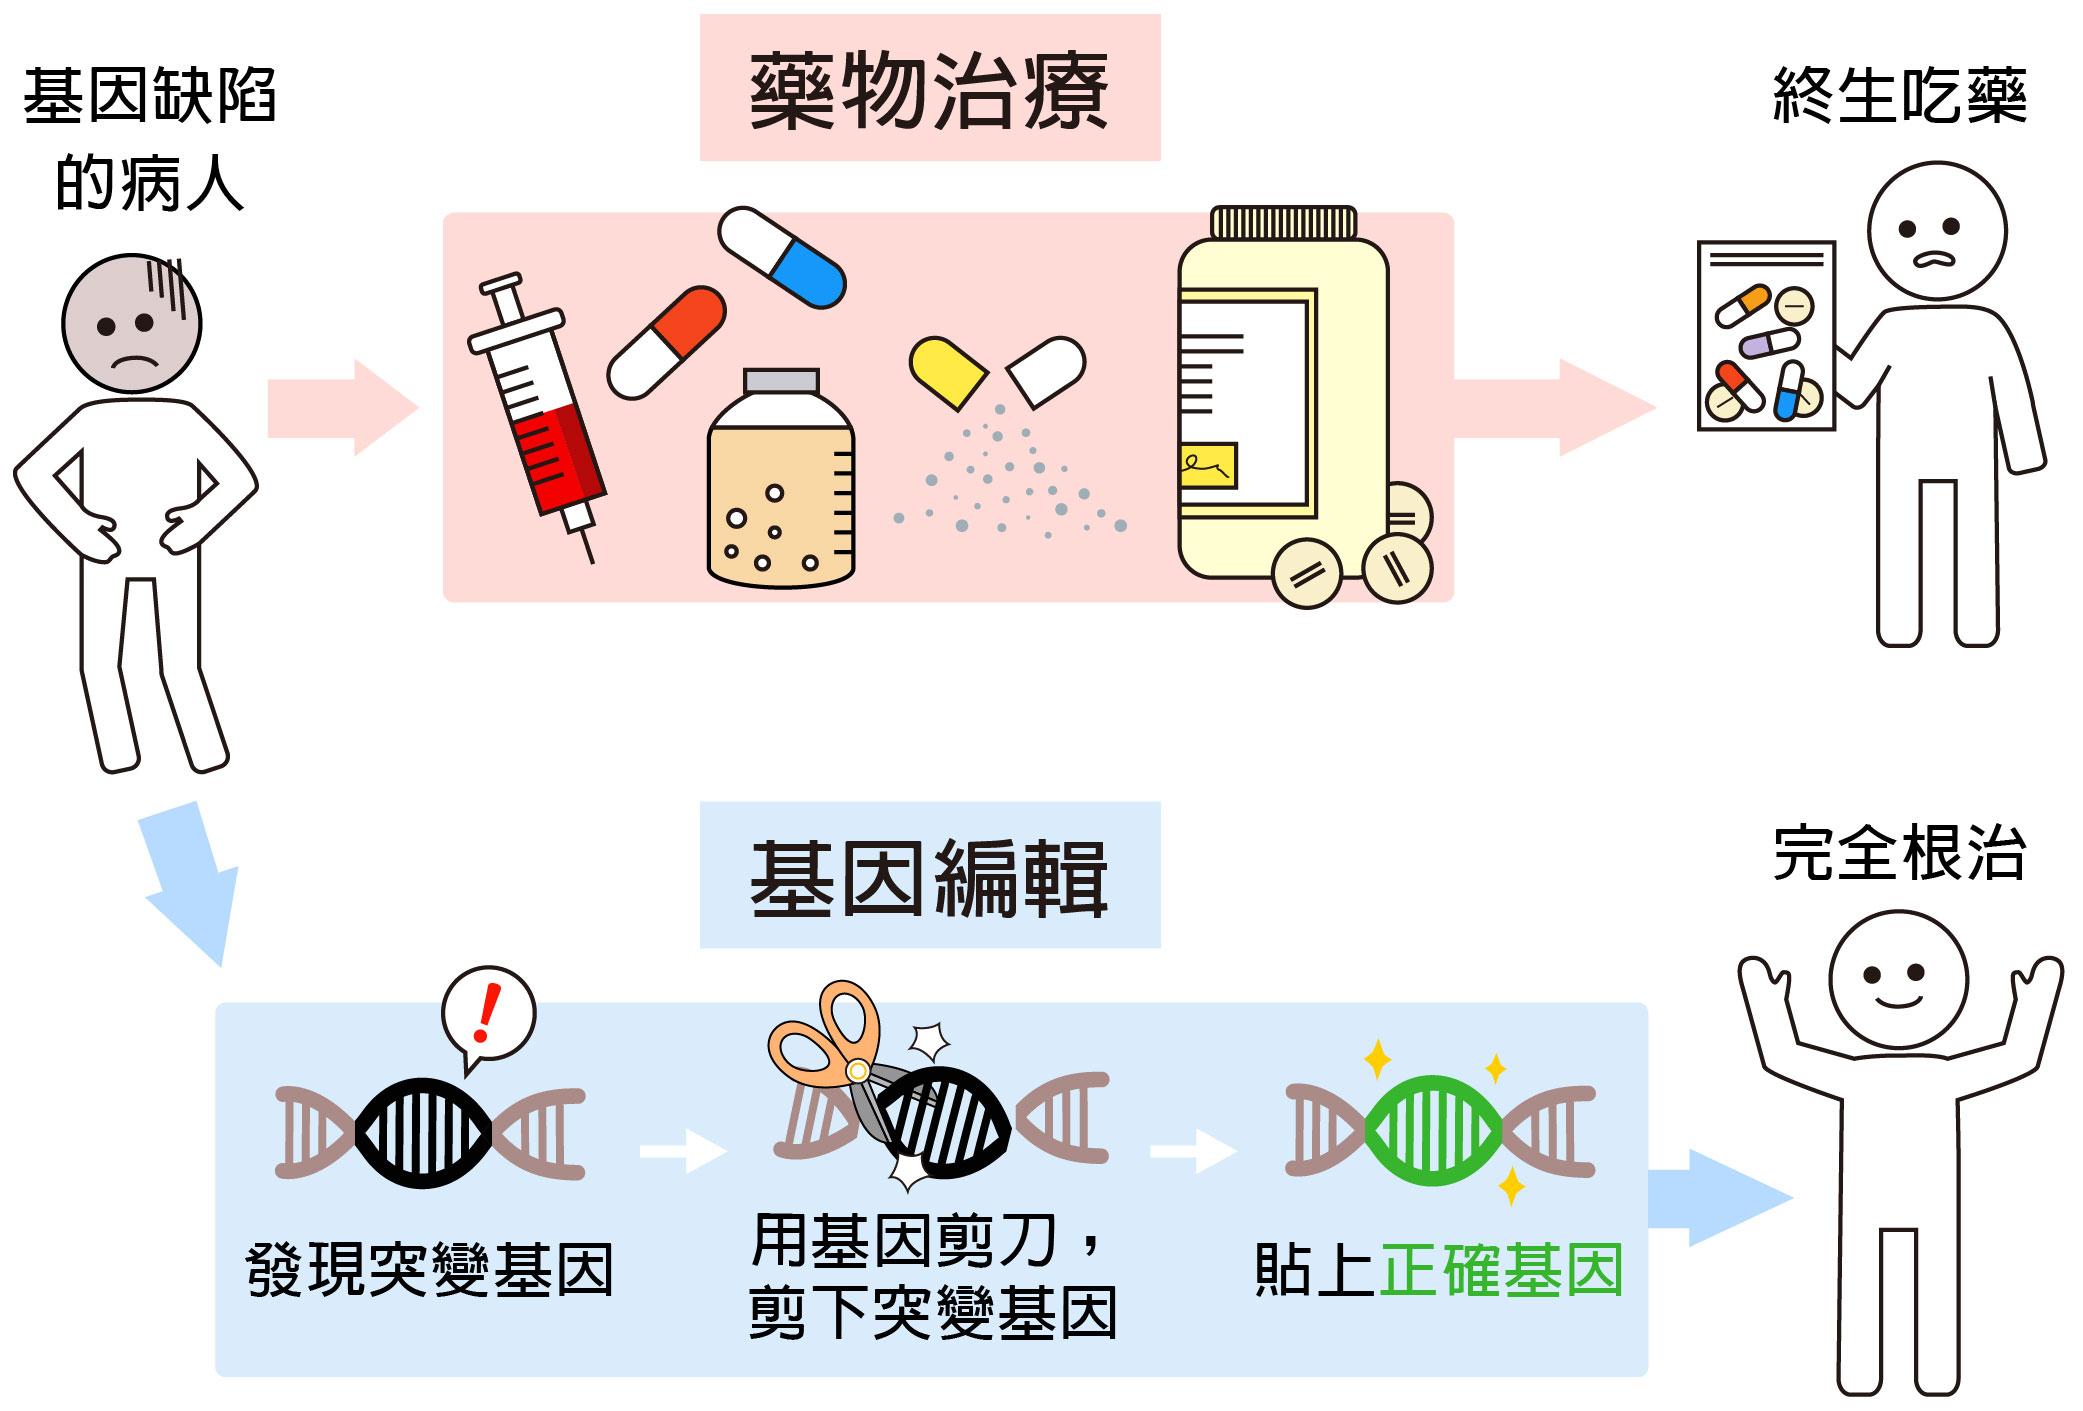 過去基因突變引發的疾病,藥物無法根治,必須終身吃藥。現代的基因編輯技術,可以徹底根治基因缺陷,就像用文書軟體修改錯誤一樣:找到錯字 (發現突變基因)、刪除錯字 (剪下突變基因)、補上正確的字 (貼上正確基因)。圖說設計│黃曉君、林洵安 資料來源│凌嘉鴻